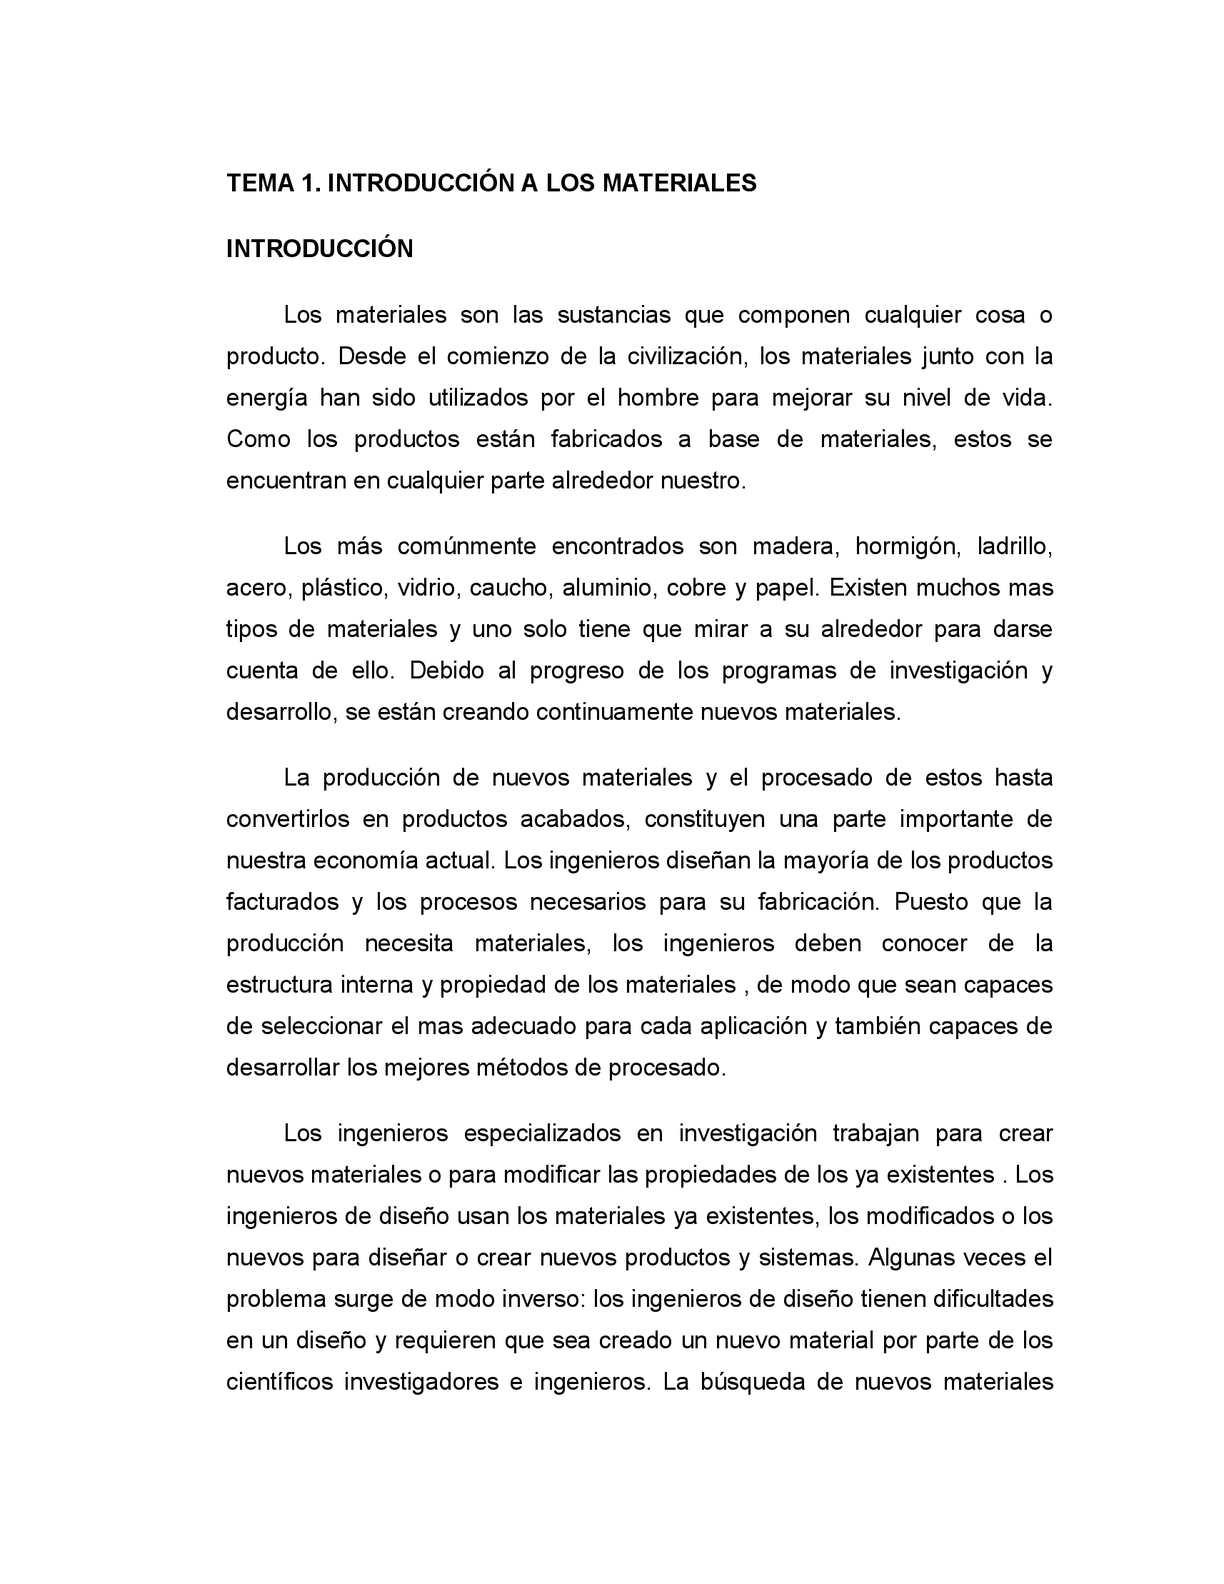 Calaméo Temario Estructura Cristalina De Los Materiales